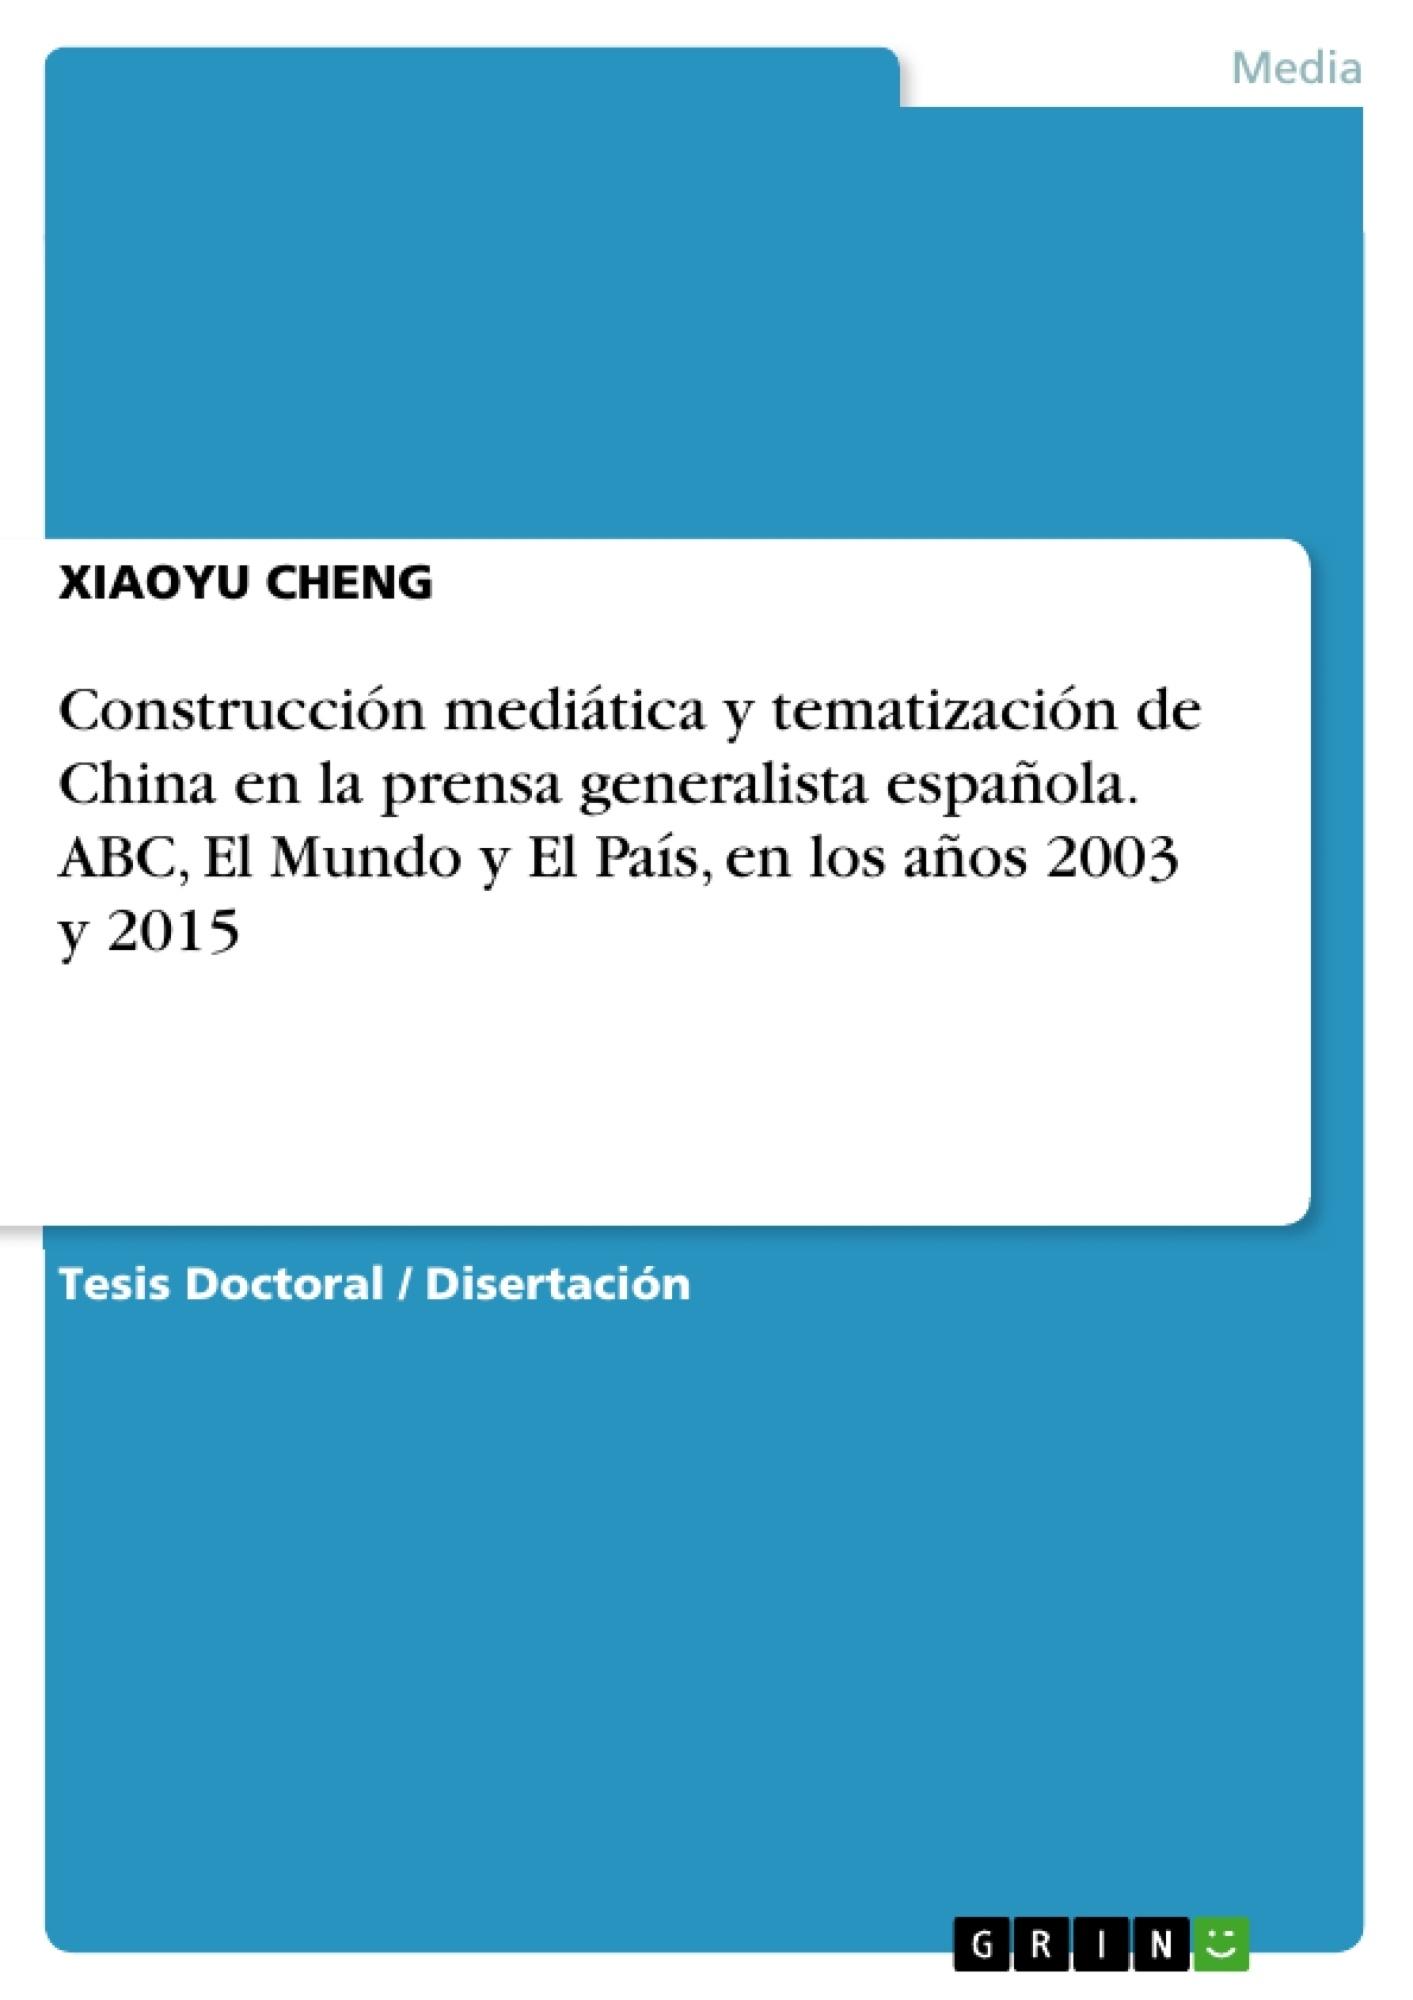 Título: Construcción mediática y tematización de China en la prensa generalista española. ABC, El Mundo y El País, en los años 2003 y 2015